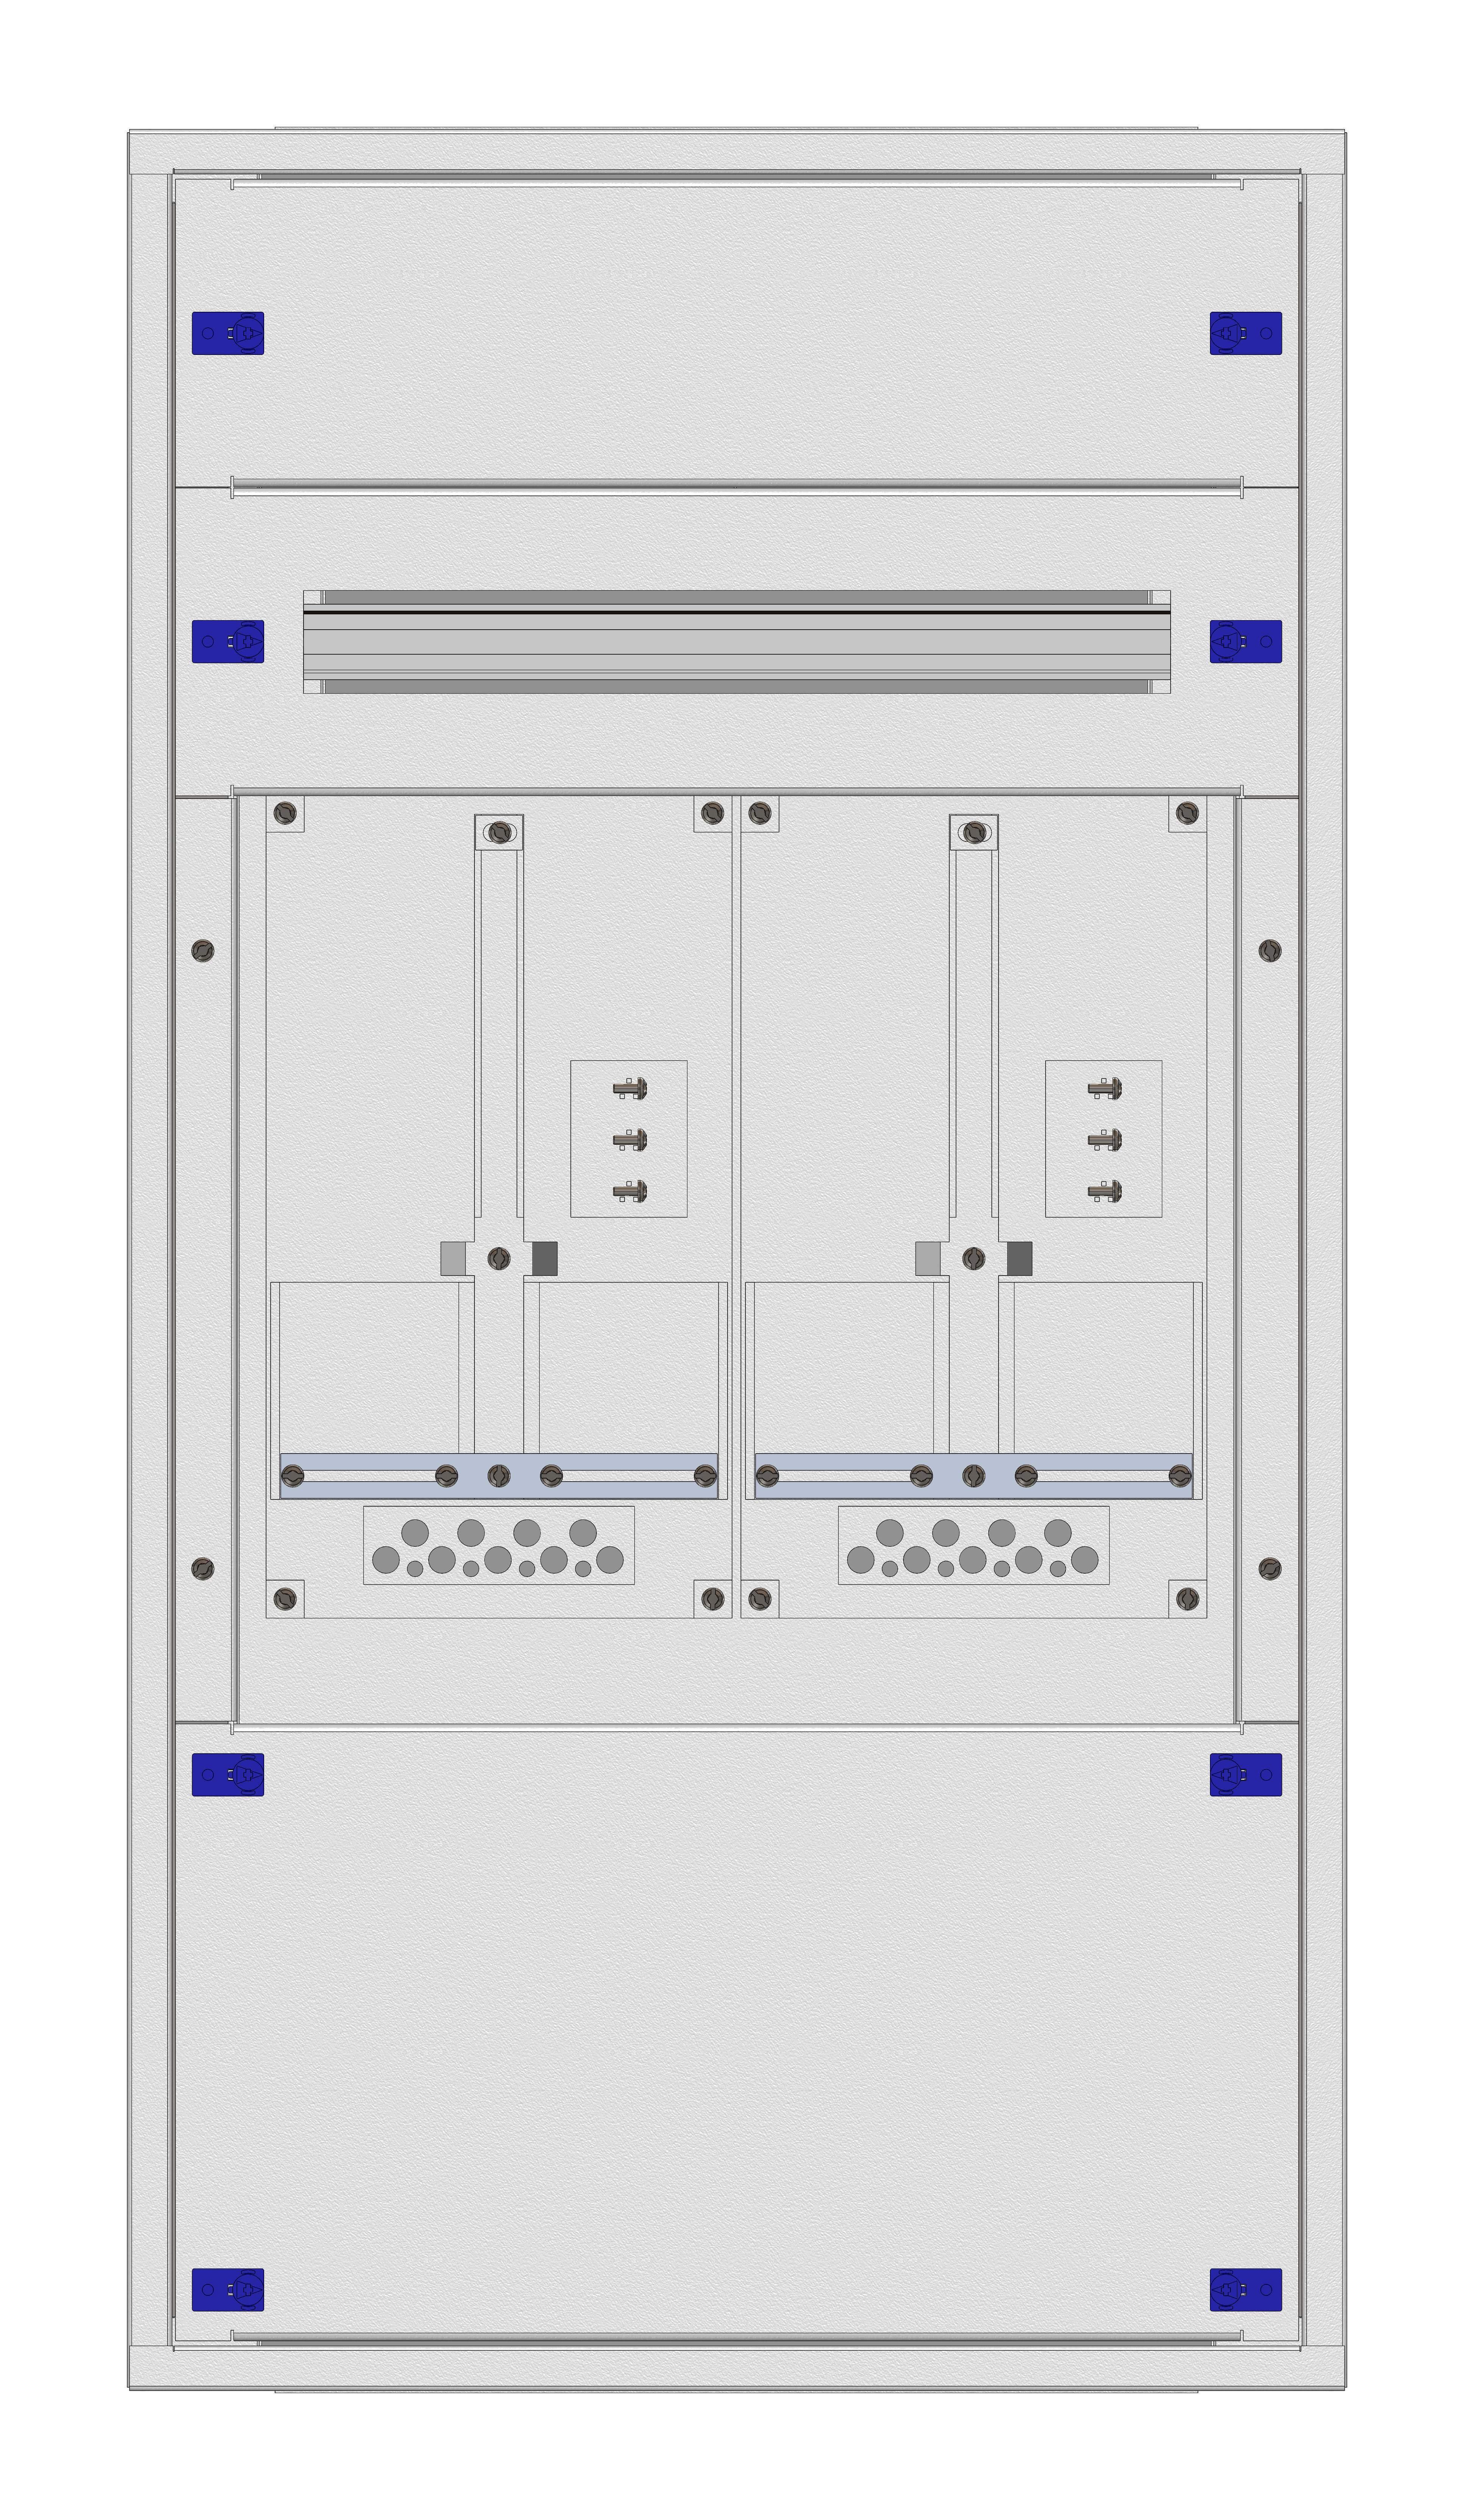 1 Stk Aufputz-Zählerverteiler 2A-21E/TIR 2ZP, H1055B590T250mm IL160221TS